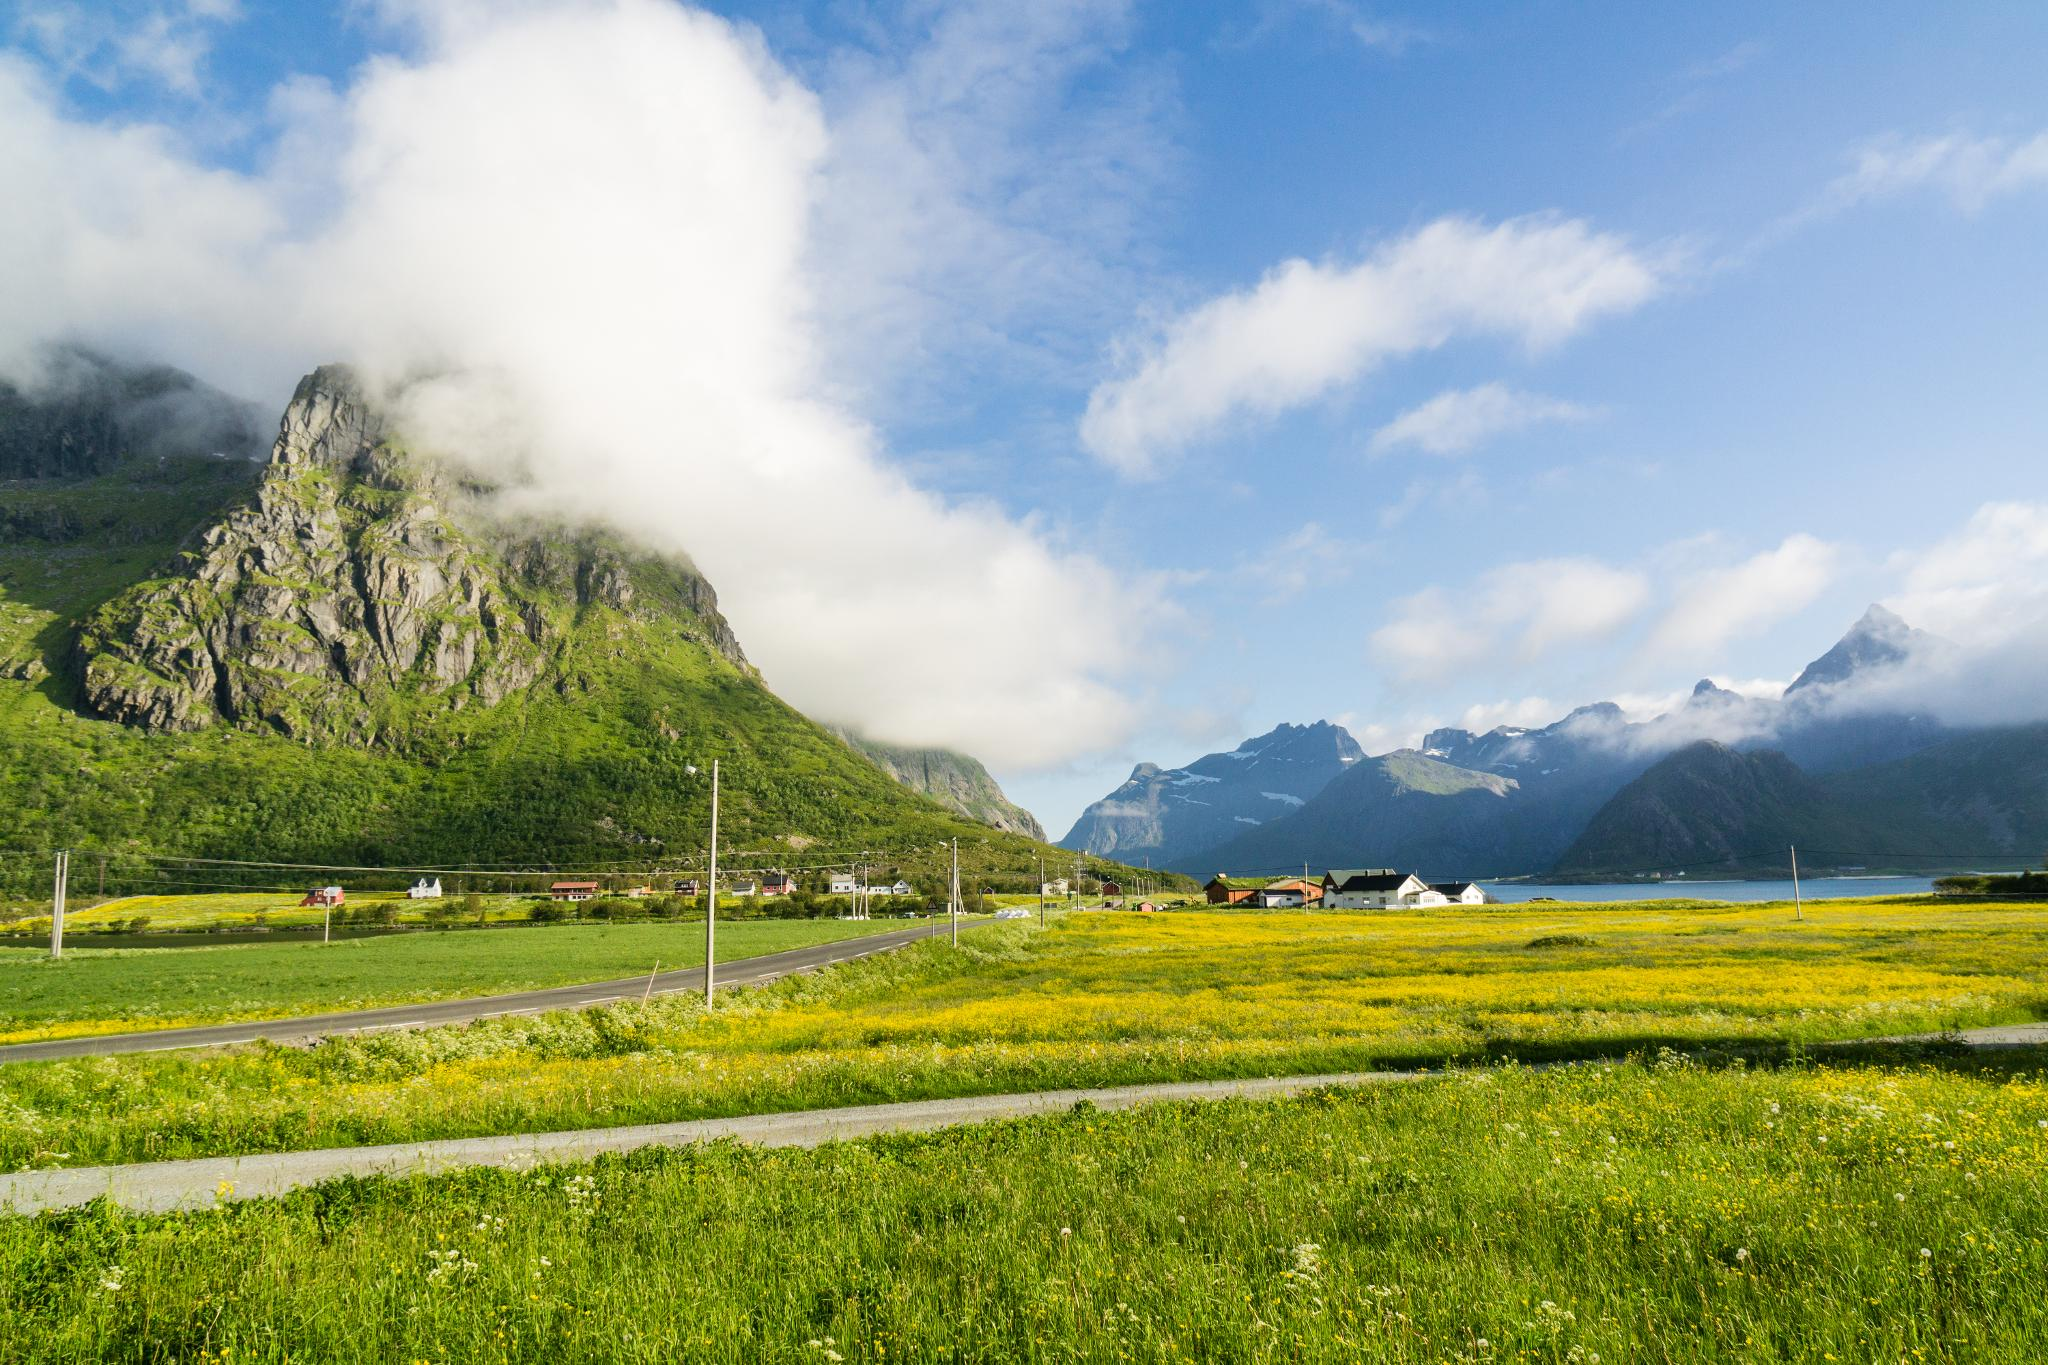 【羅弗敦群島】前進世界最美麗的島嶼 - Lofoten Islands 行程全攻略 10